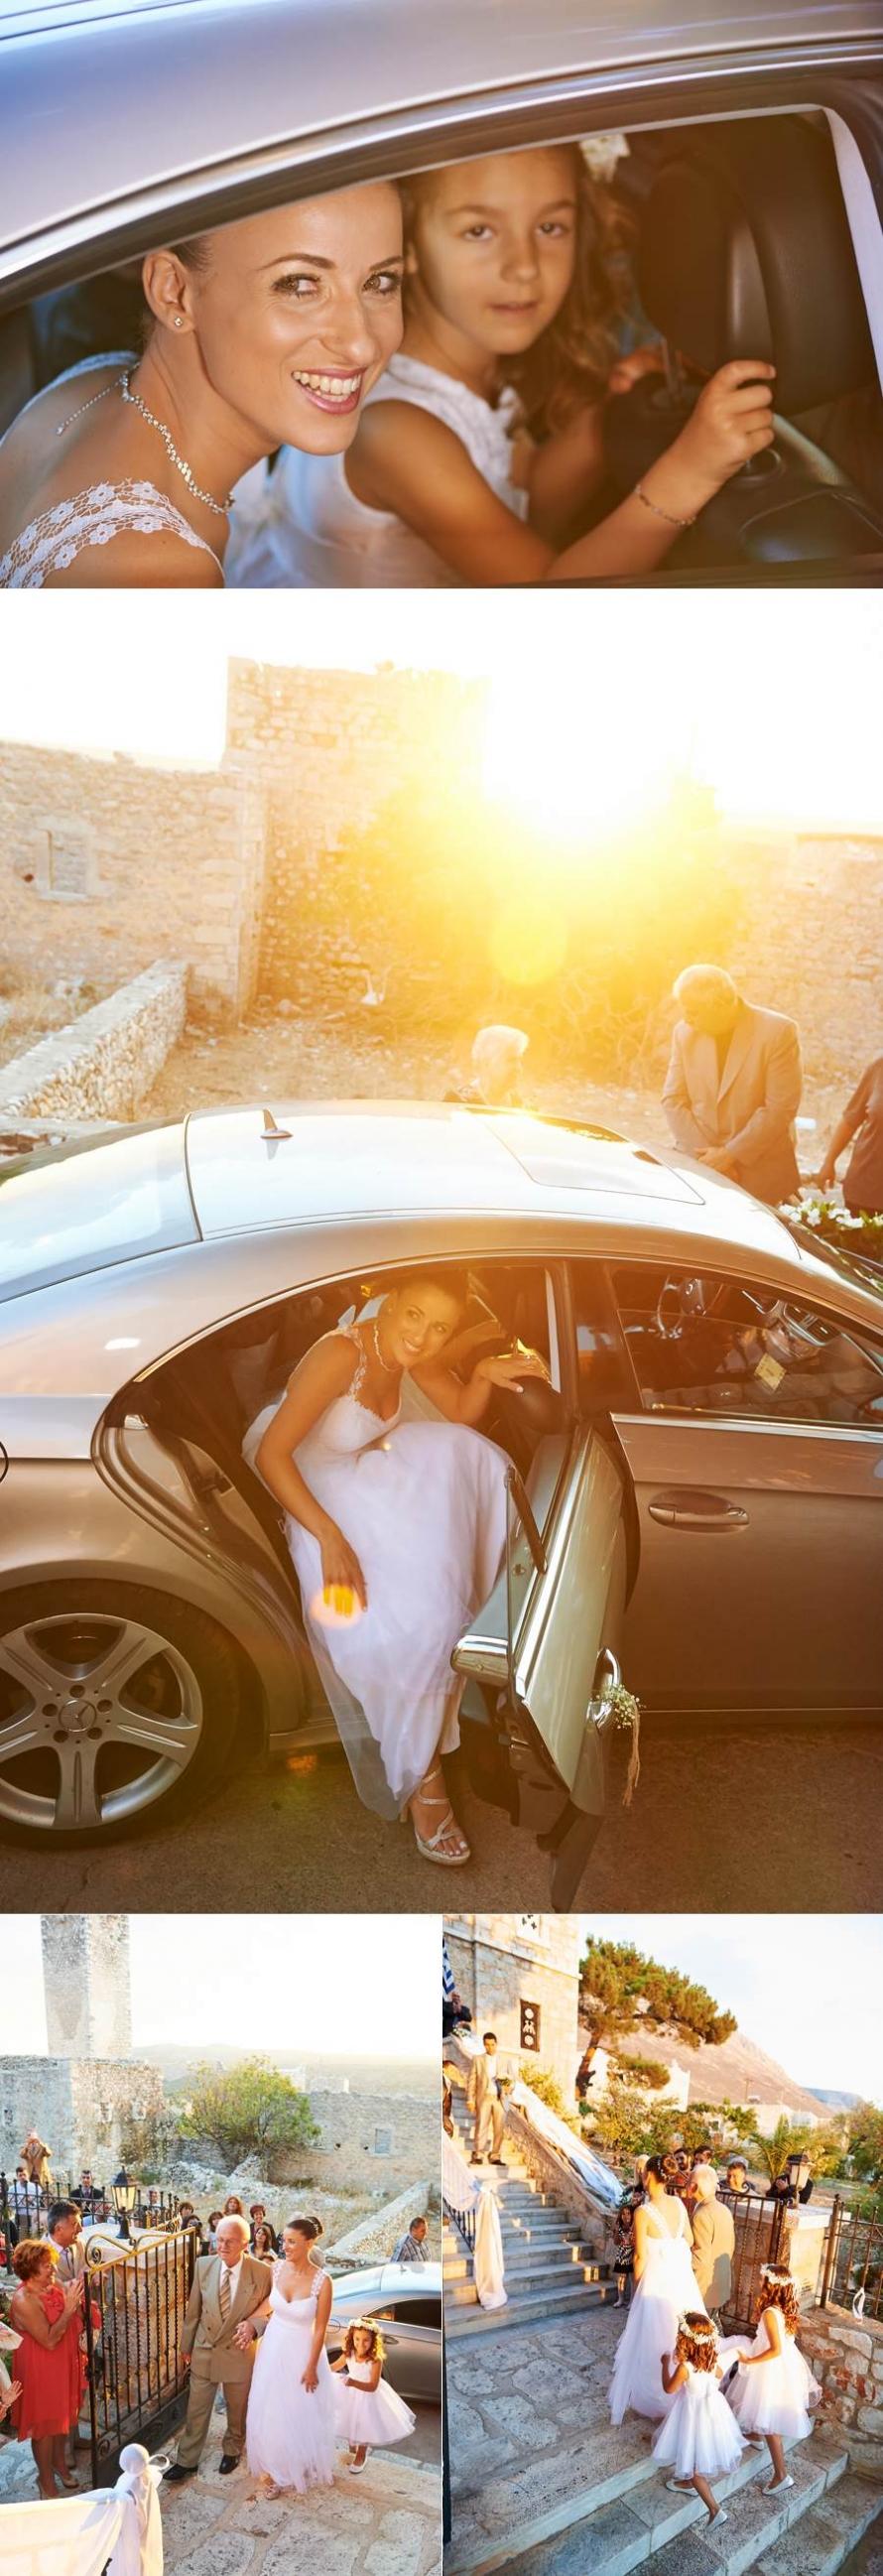 Nikos Anastasia wedding photos_0010